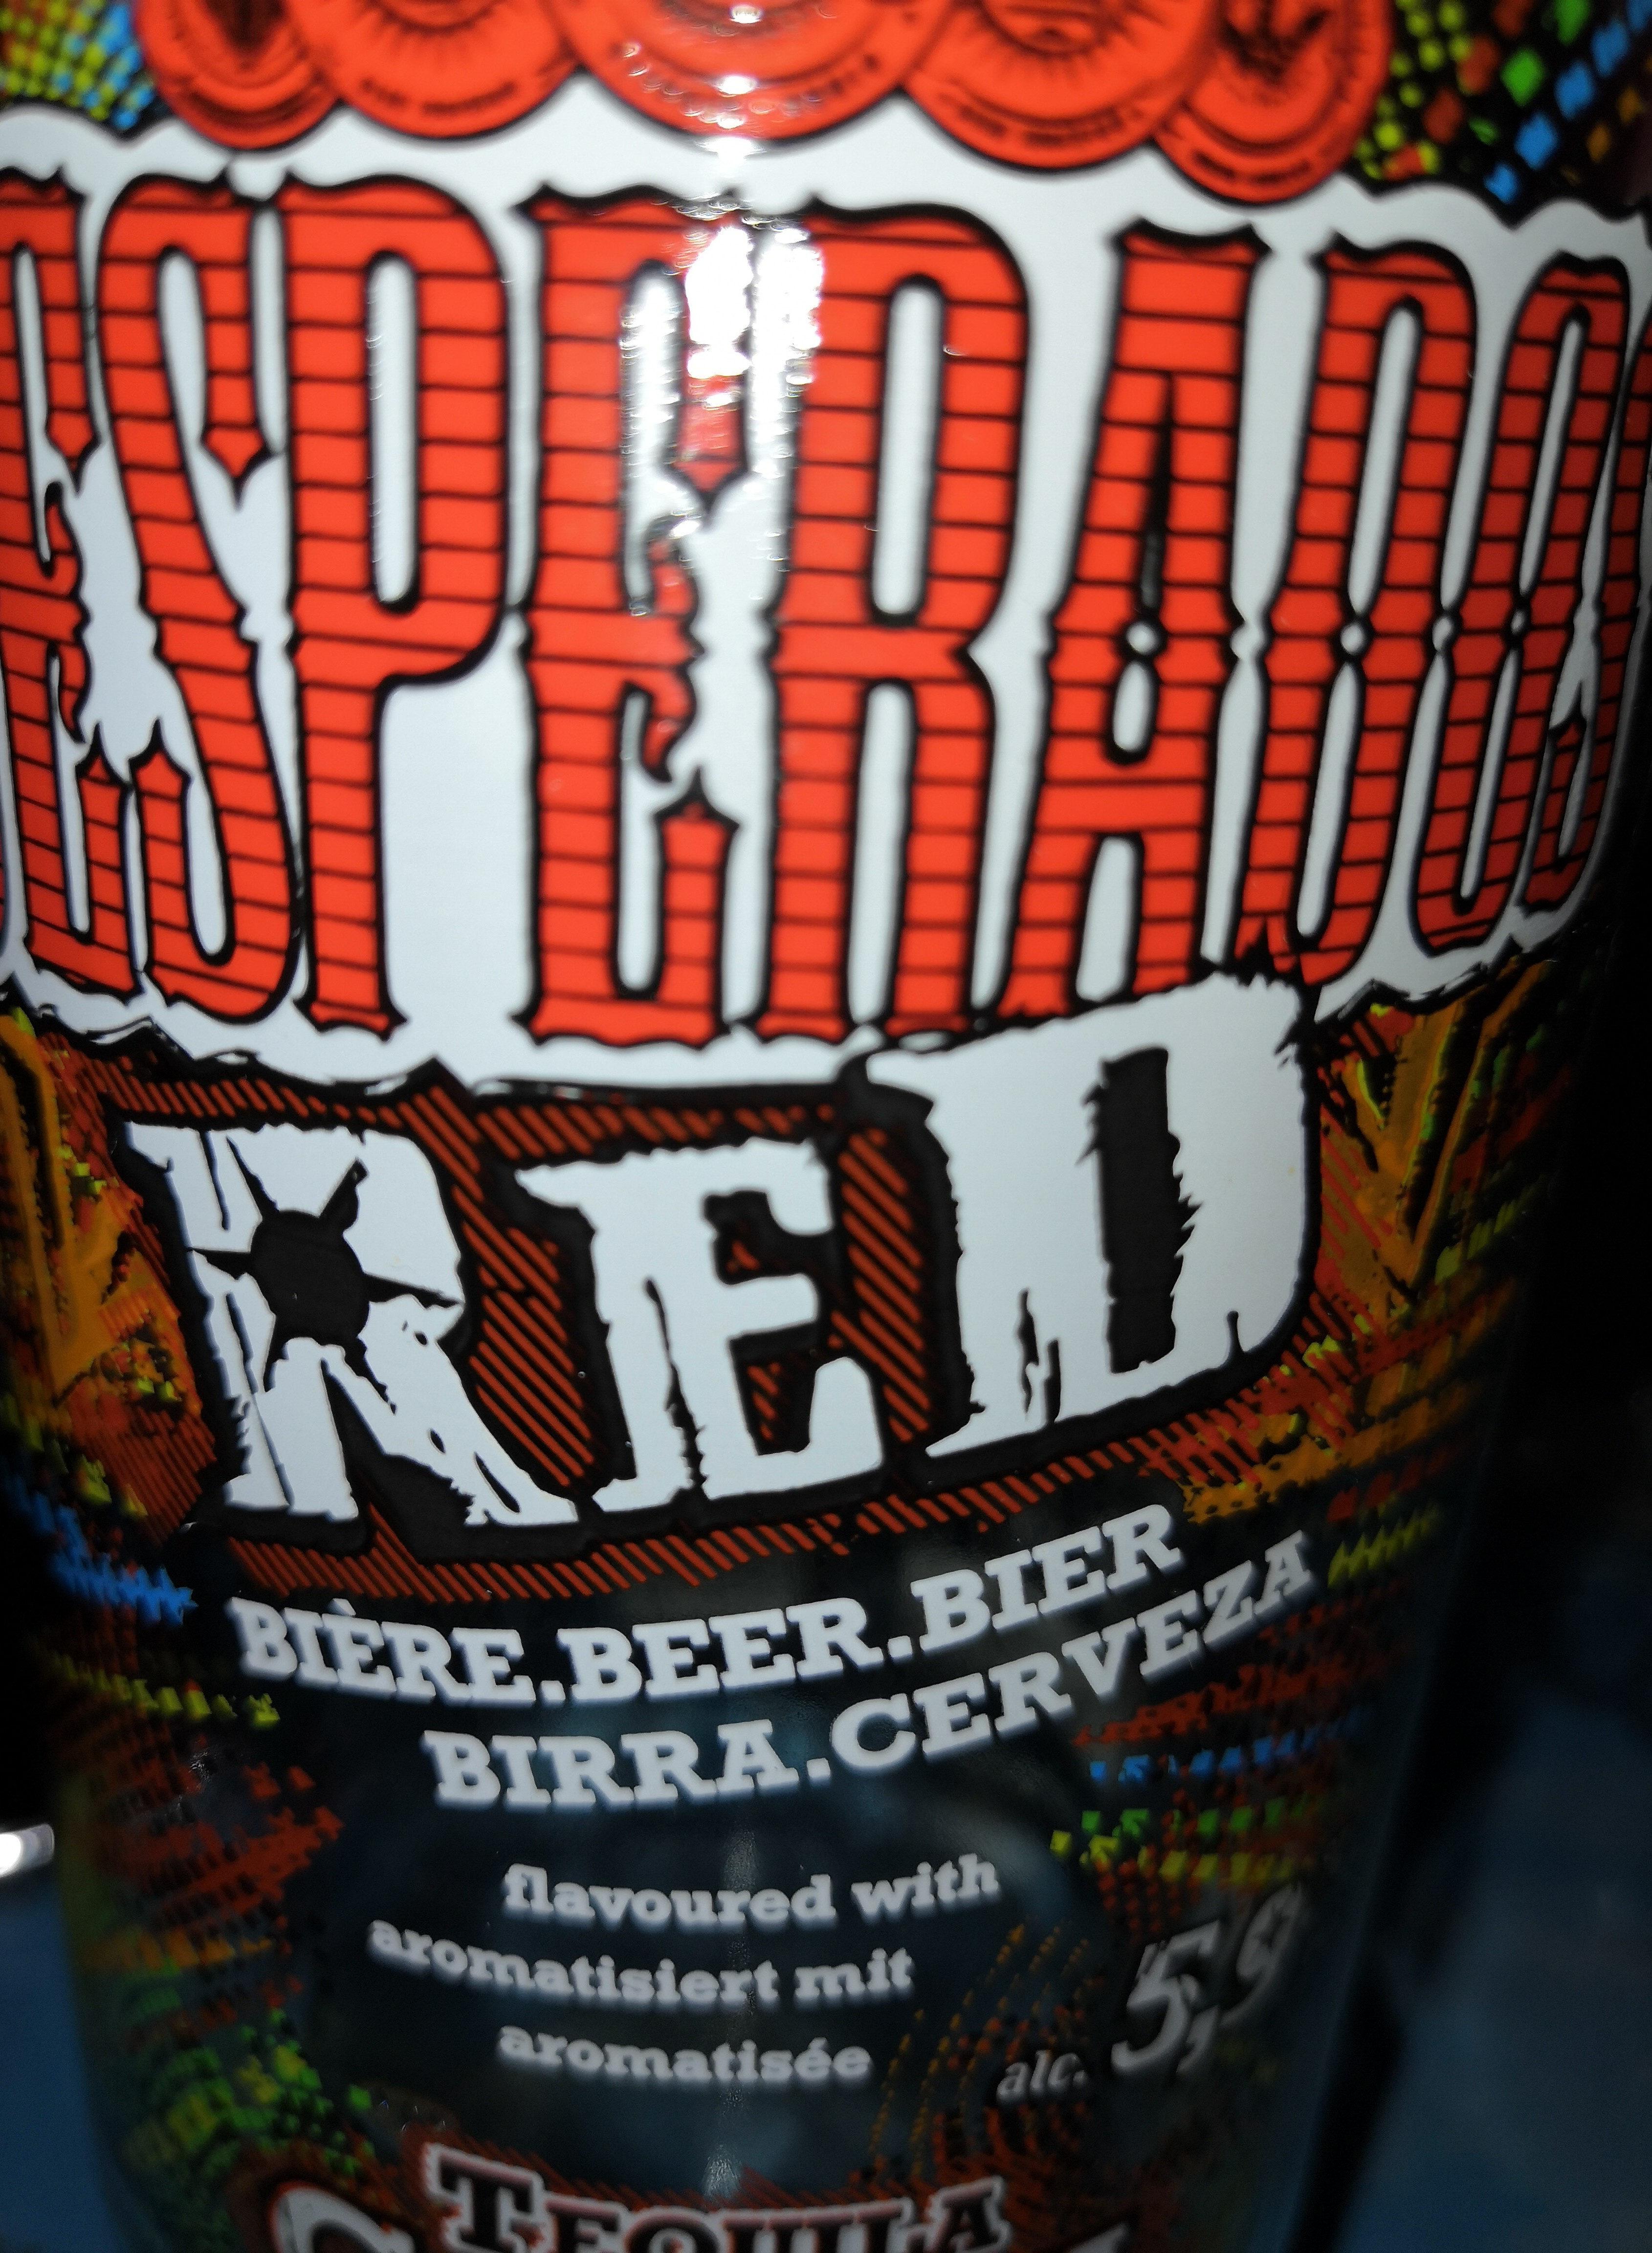 Biere Red Aromatisee Tequila Cachaca Guarana Desperados